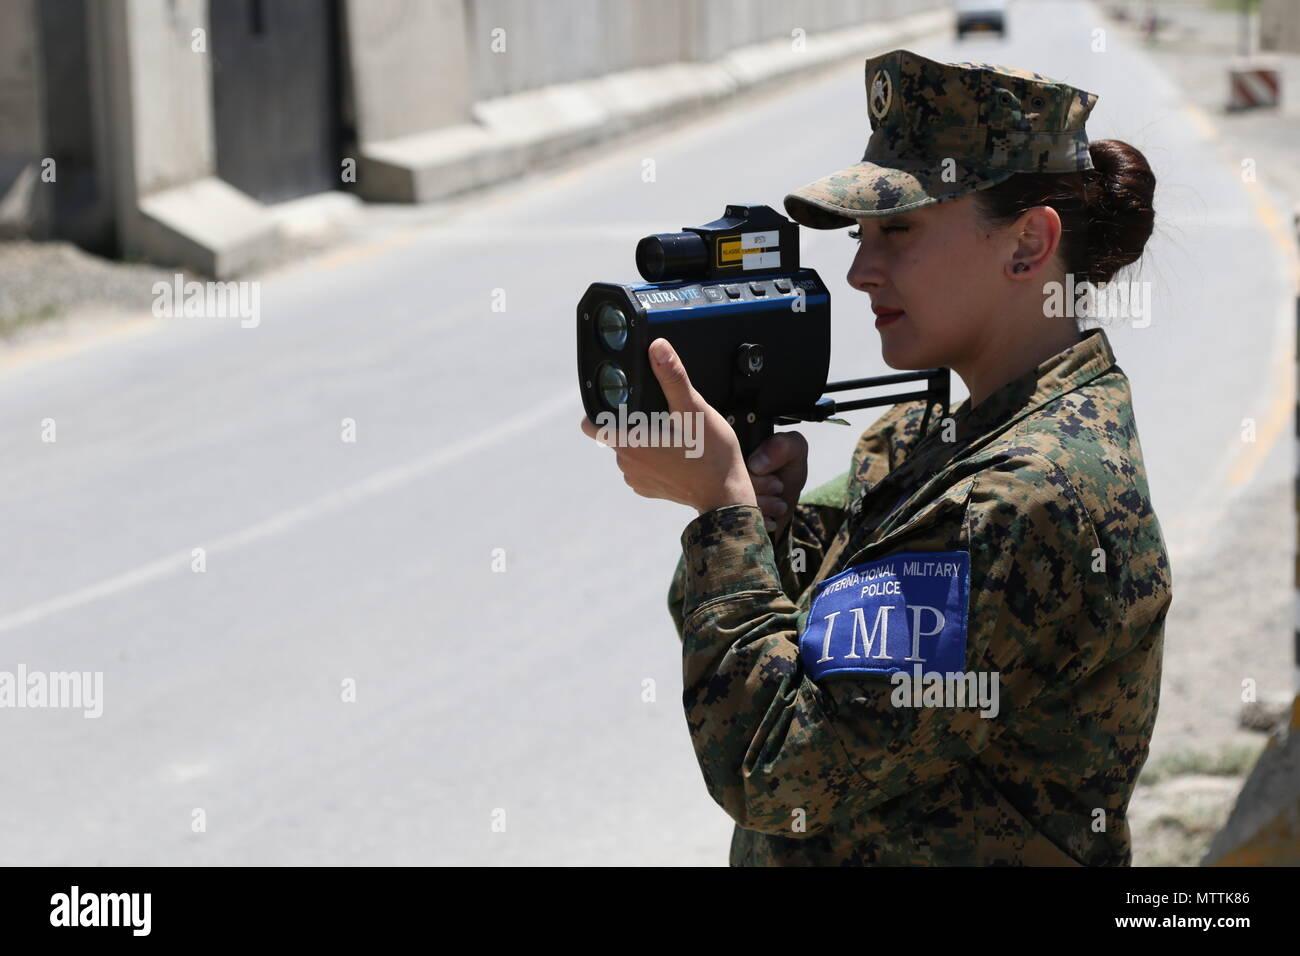 Kaboul, Afghanistan (mai 27, 2018) - Une force militaire internationale de police des Forces armées de Bosnie-Herzégovine effectue une patrouille de routine à l'Aéroport International d'Hamid Karzaï, le 27 mai 2018. La Bosnie-et-Herzégovine sont l'une des 39 nations qui jouent un rôle important dans l'appui résolu de l'OTAN mission. (Appui résolu photo de Jordanie Belser) Banque D'Images